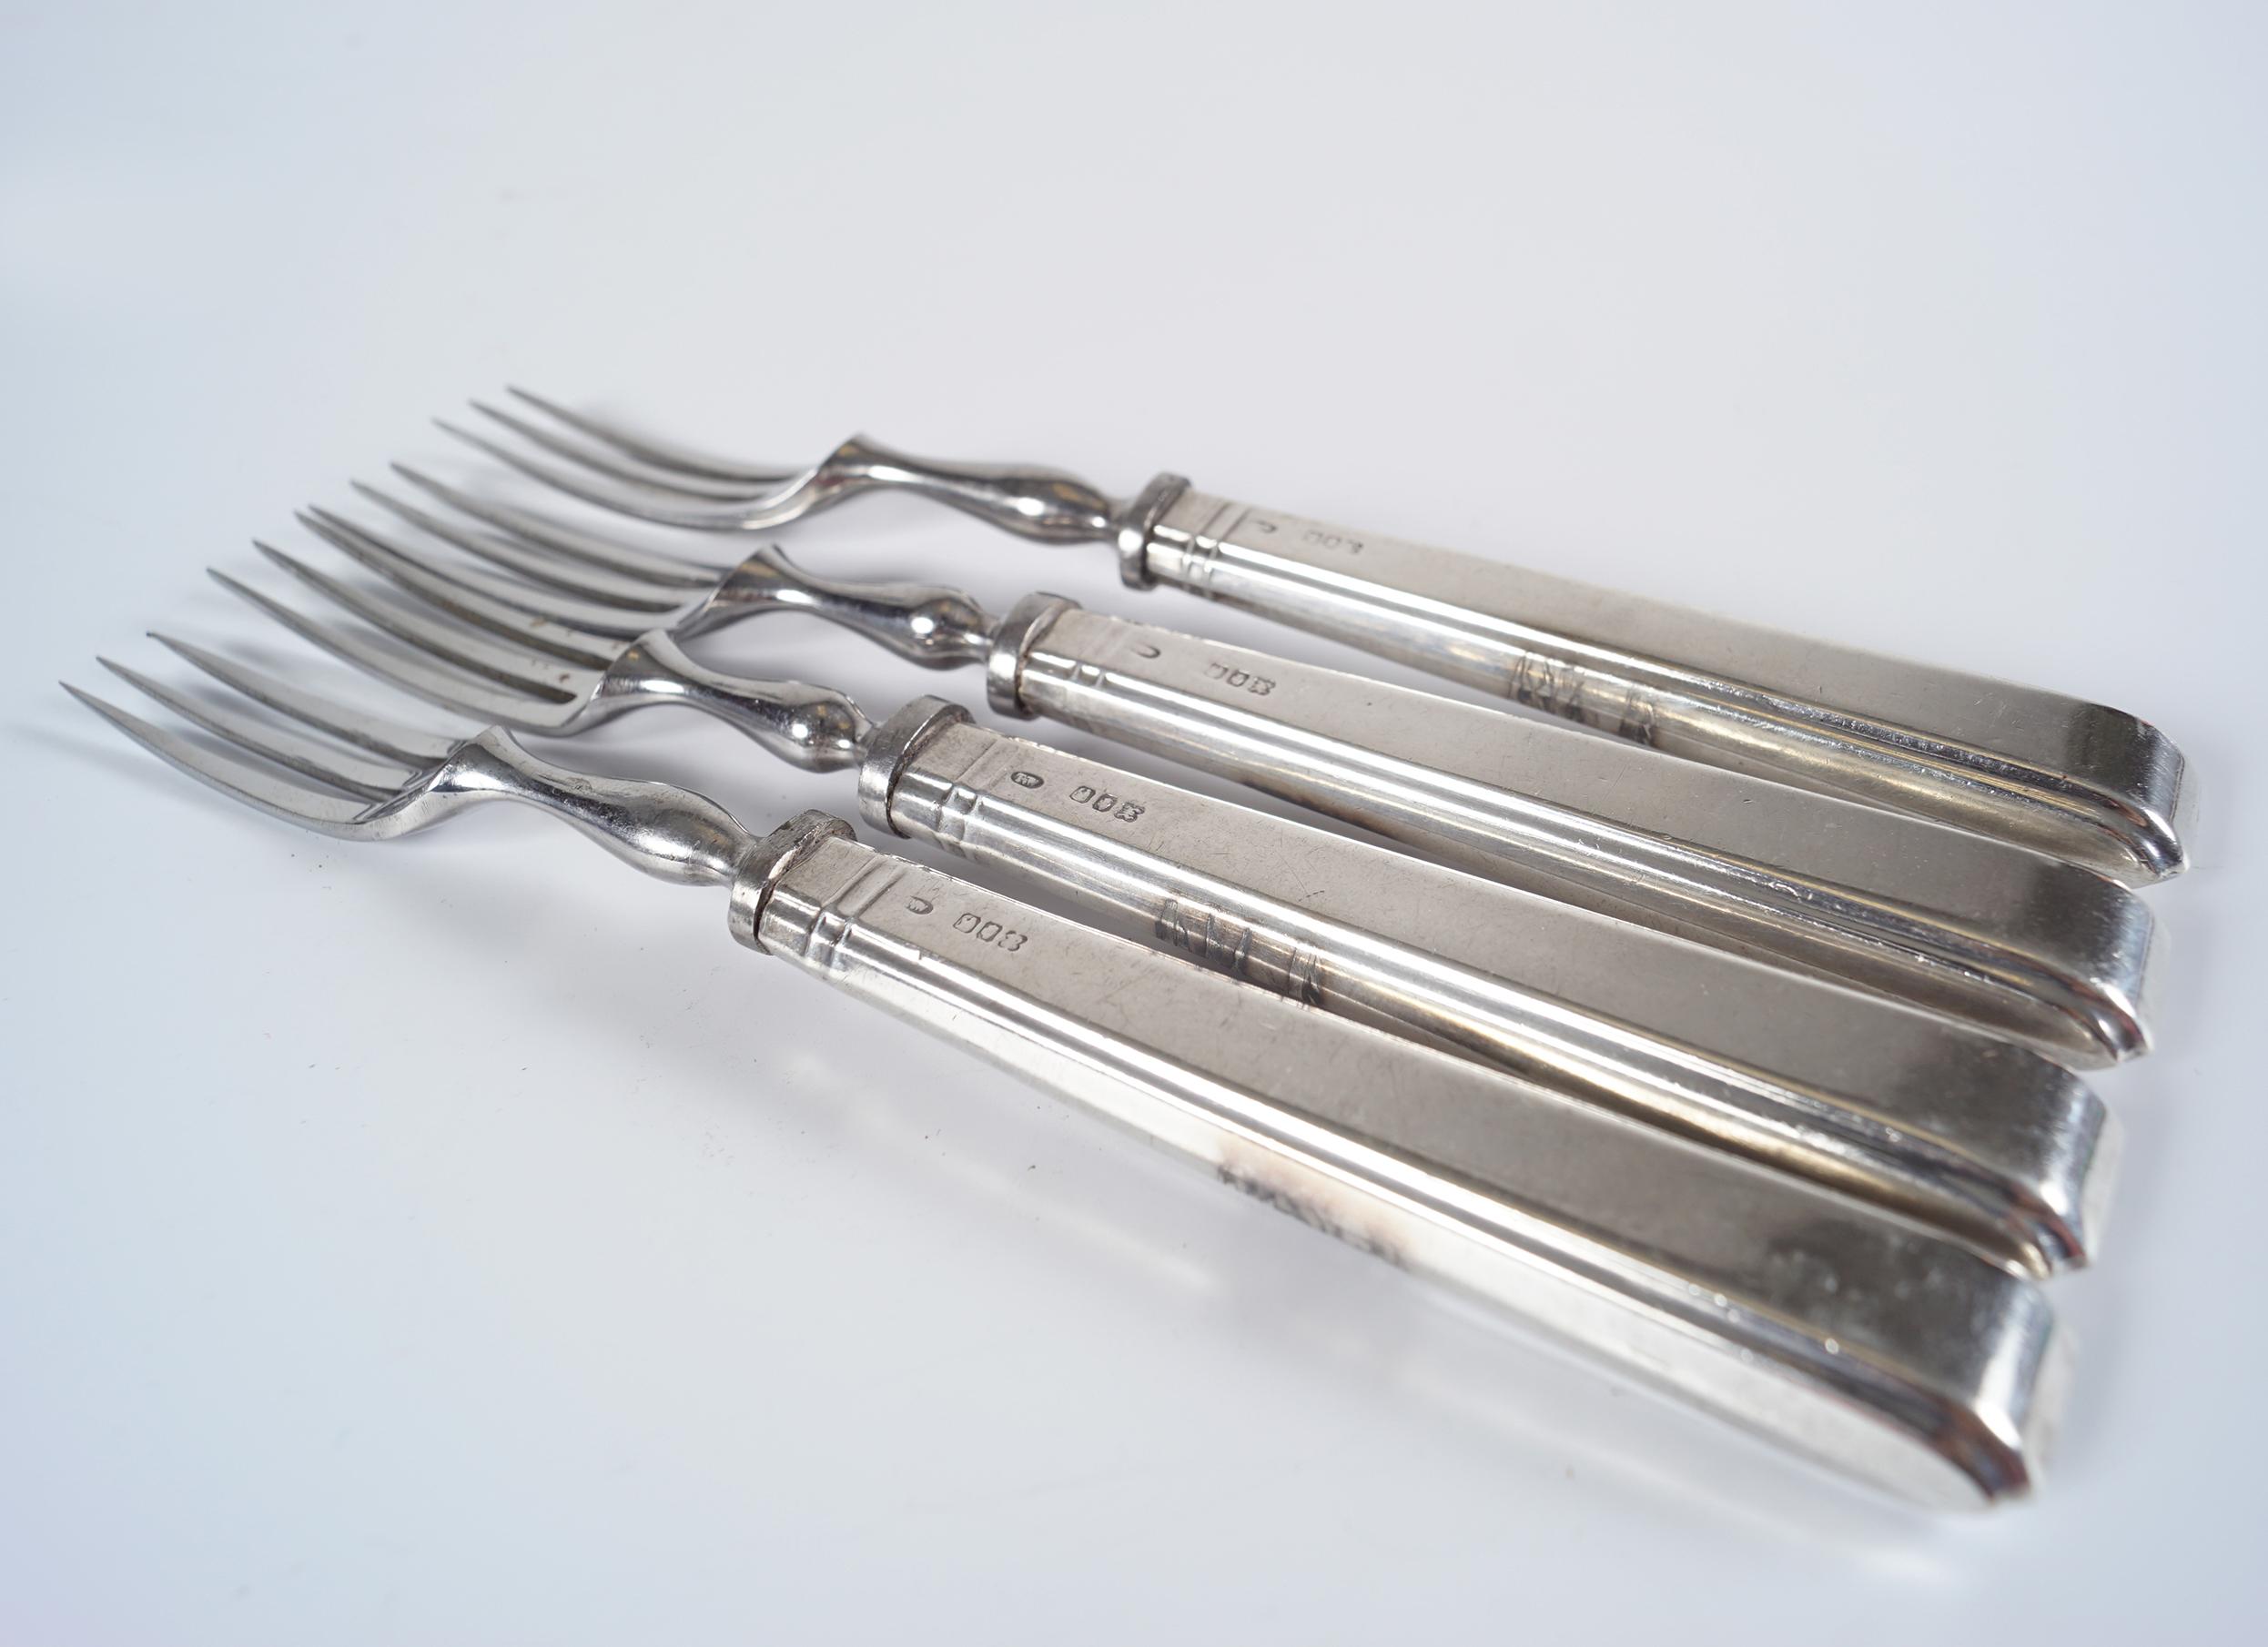 4 SILVER HANDLED FRUIT FORKS - Image 2 of 3